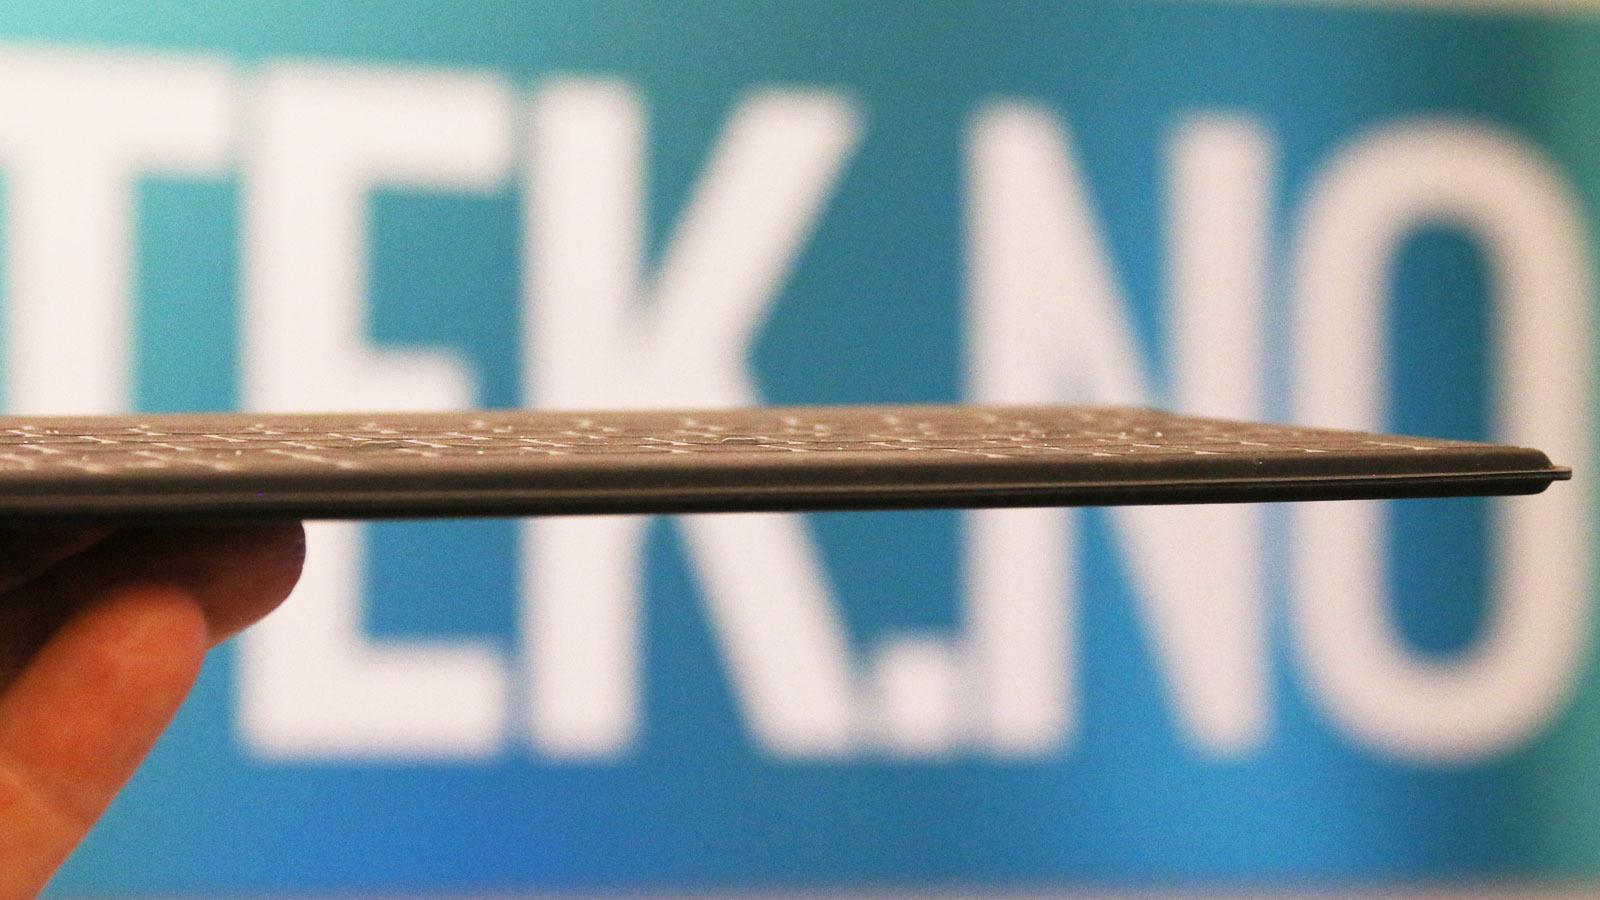 Tastaturet er tynt og veier nesten ingen ting. Foto: Espen Irwing Swang, Tek.no